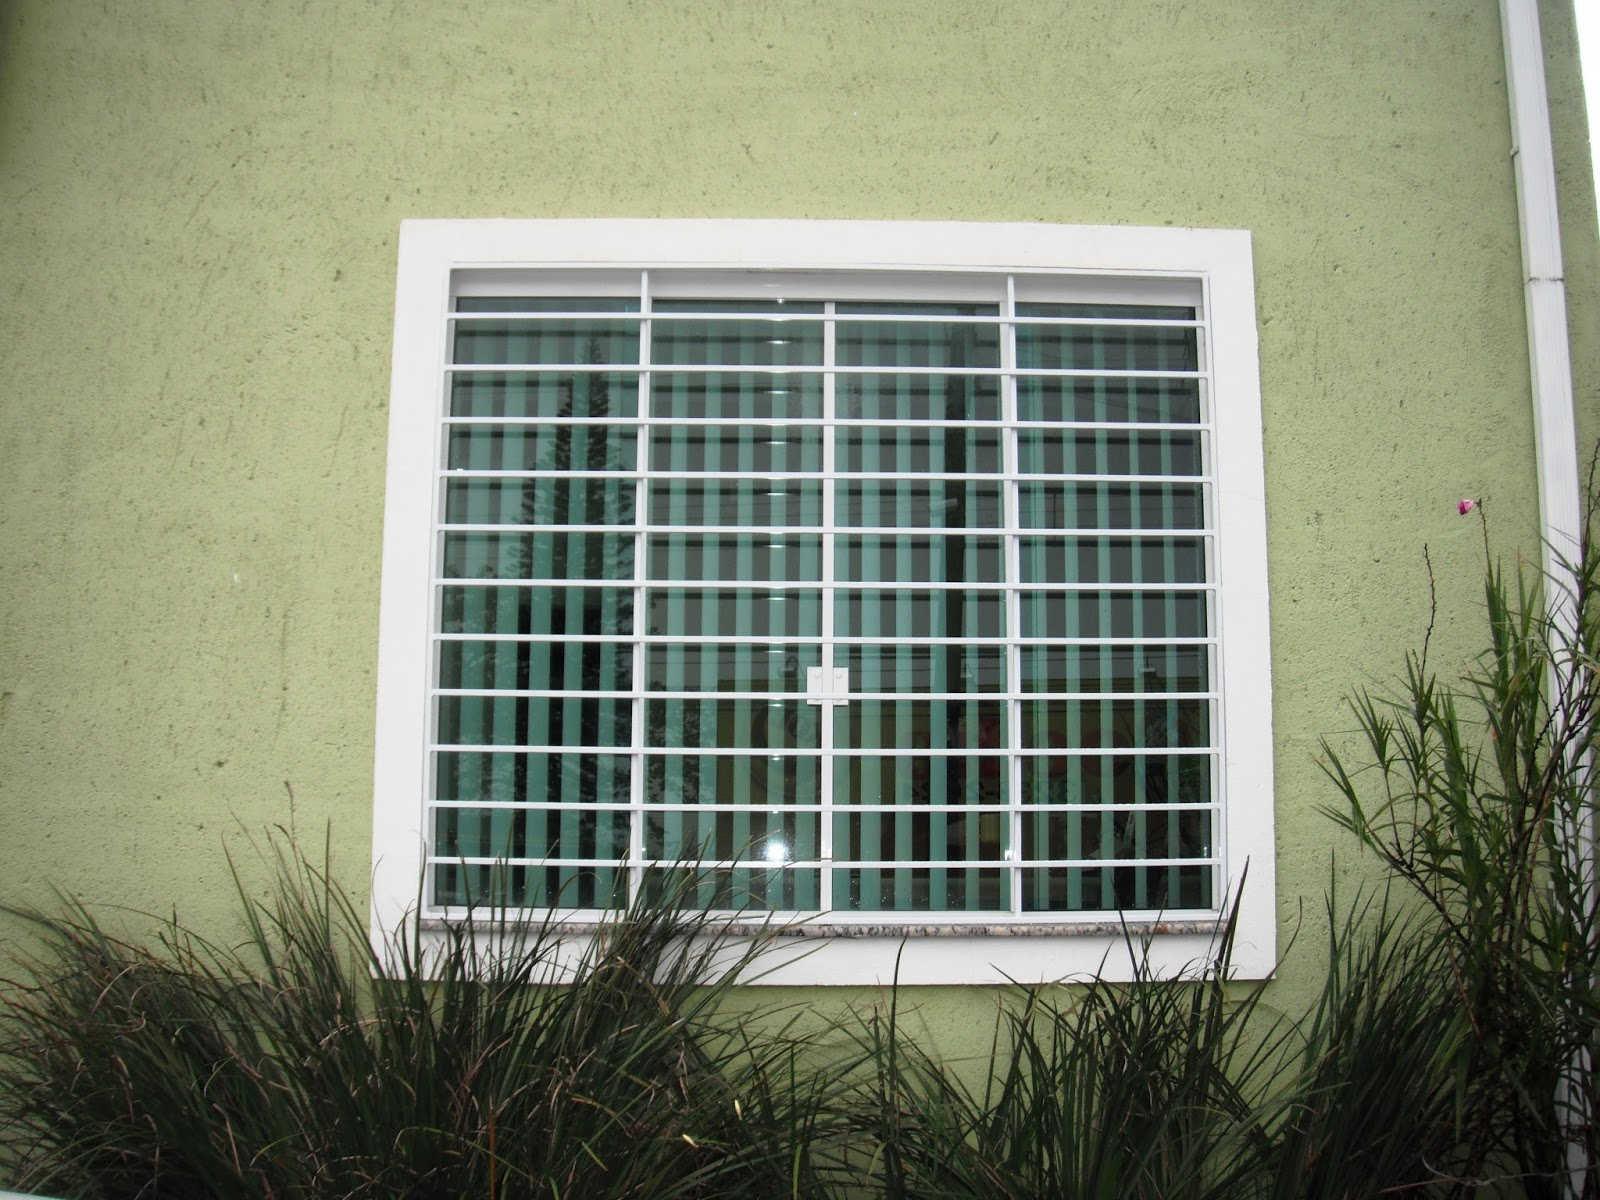 #787D4E Grade de Proteção para janela 408 Janelas De Vidros Com Grades